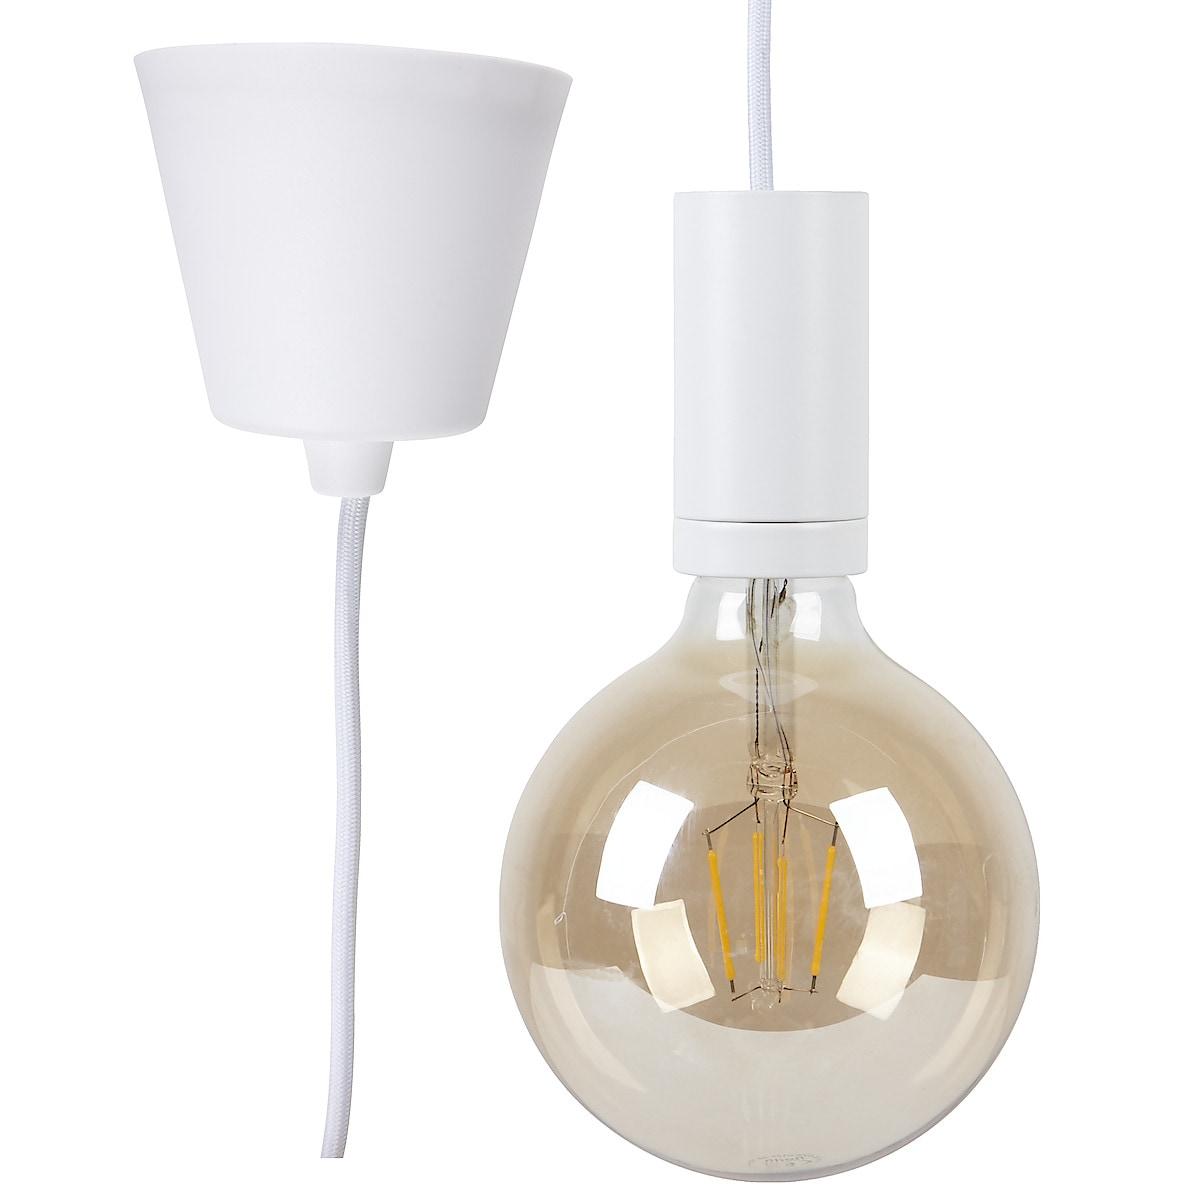 Lamphållare med tygklädd sladd Mix and Match Northlight